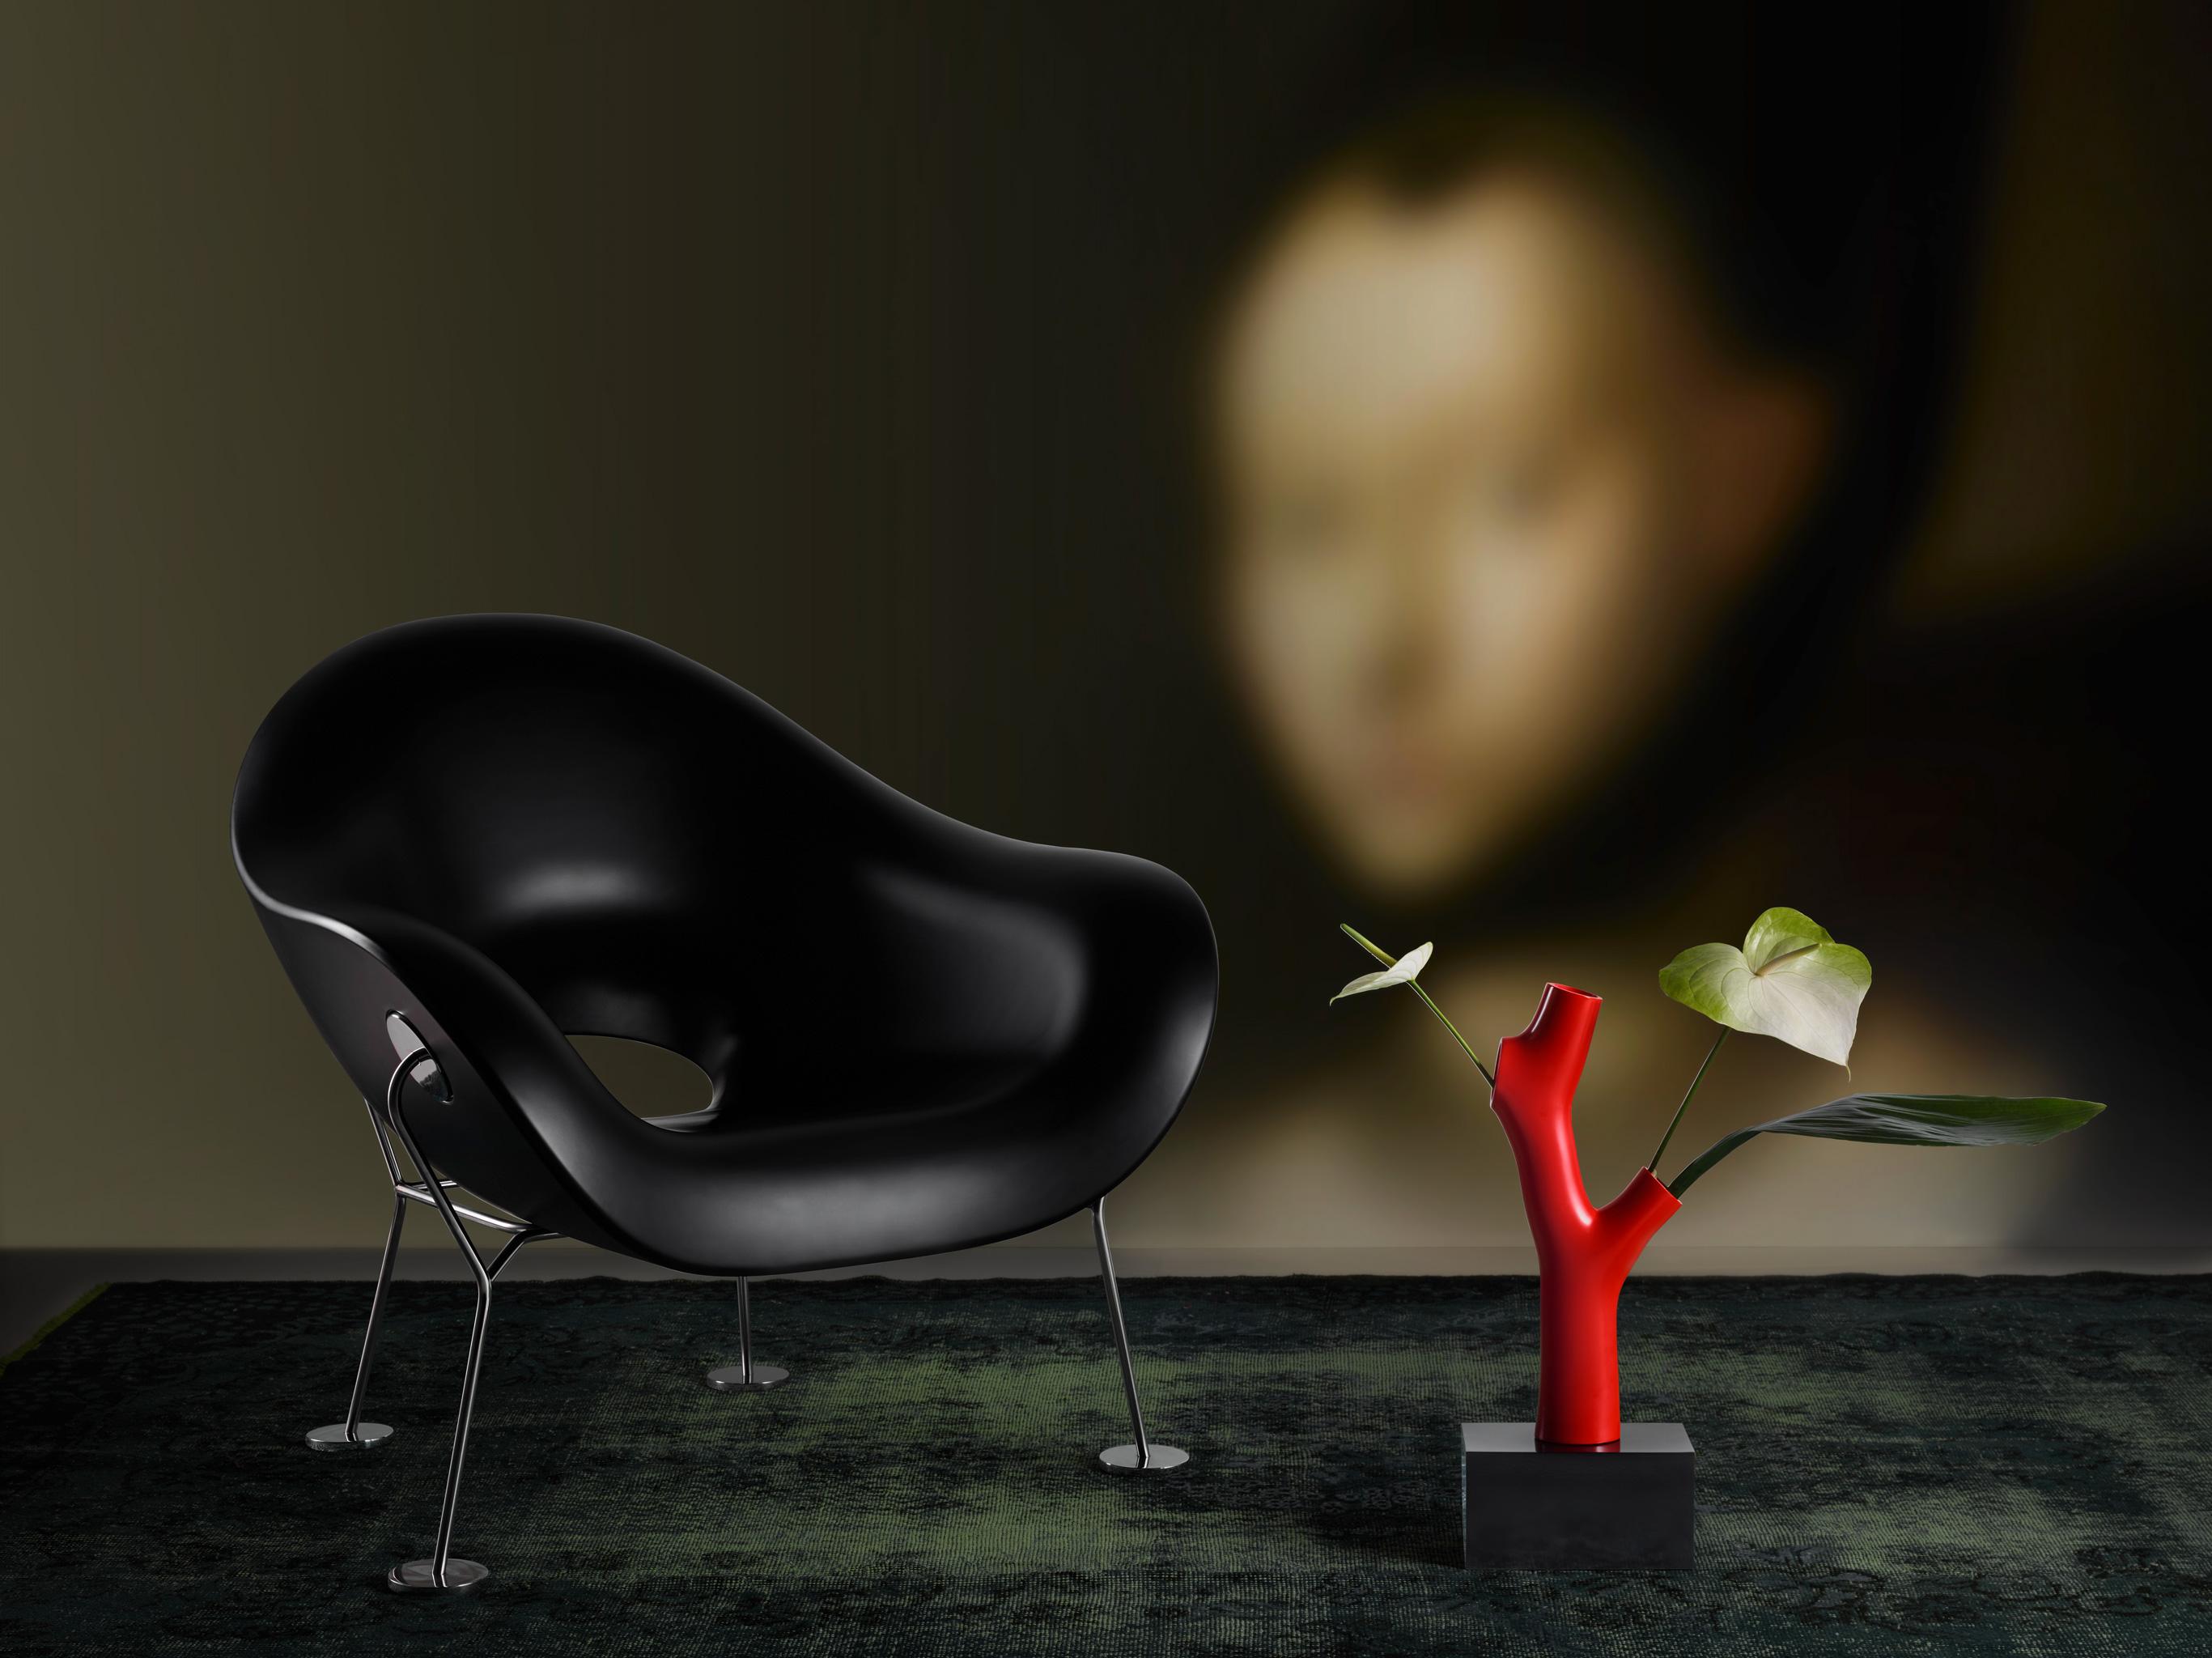 蛹型休闲椅